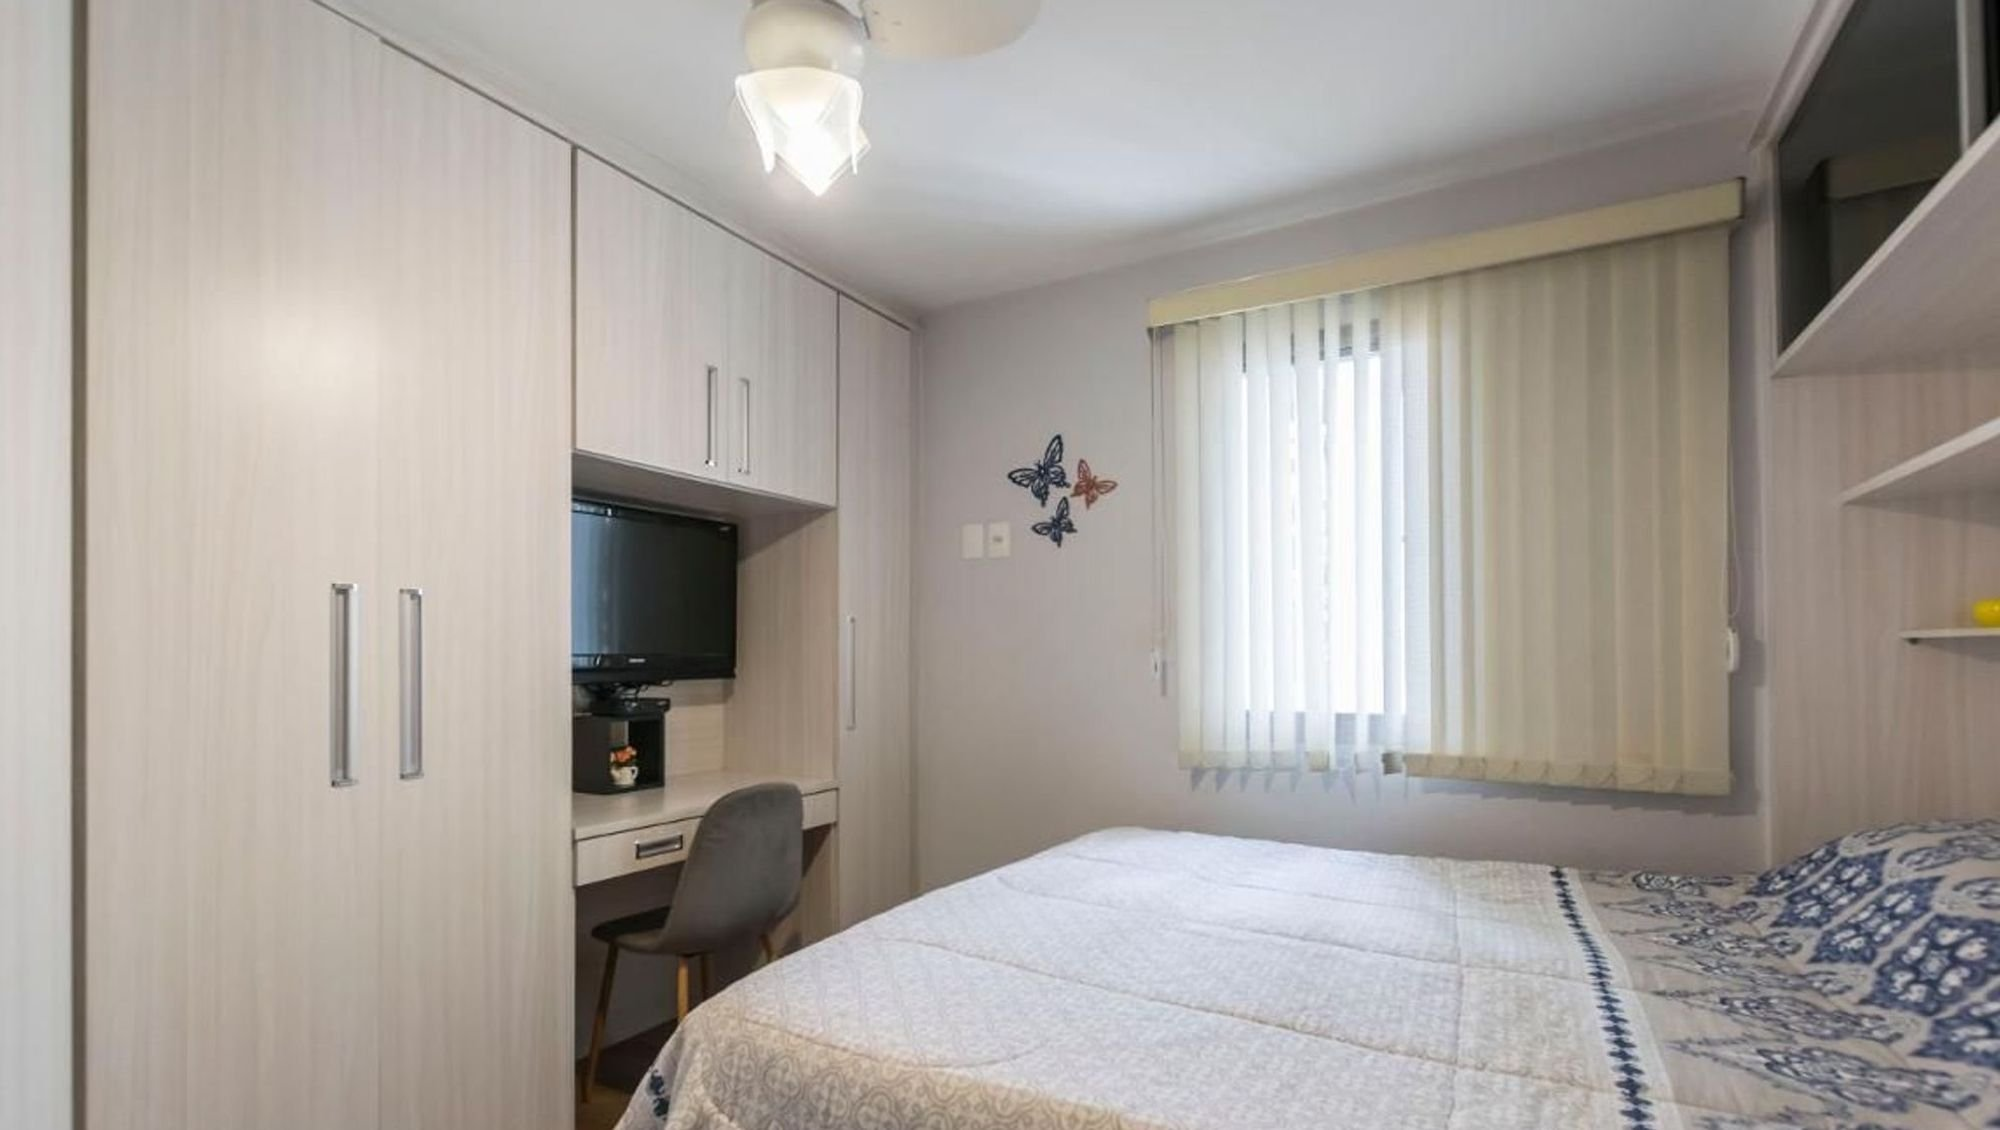 Foto de Quarto com cama, televisão, cadeira